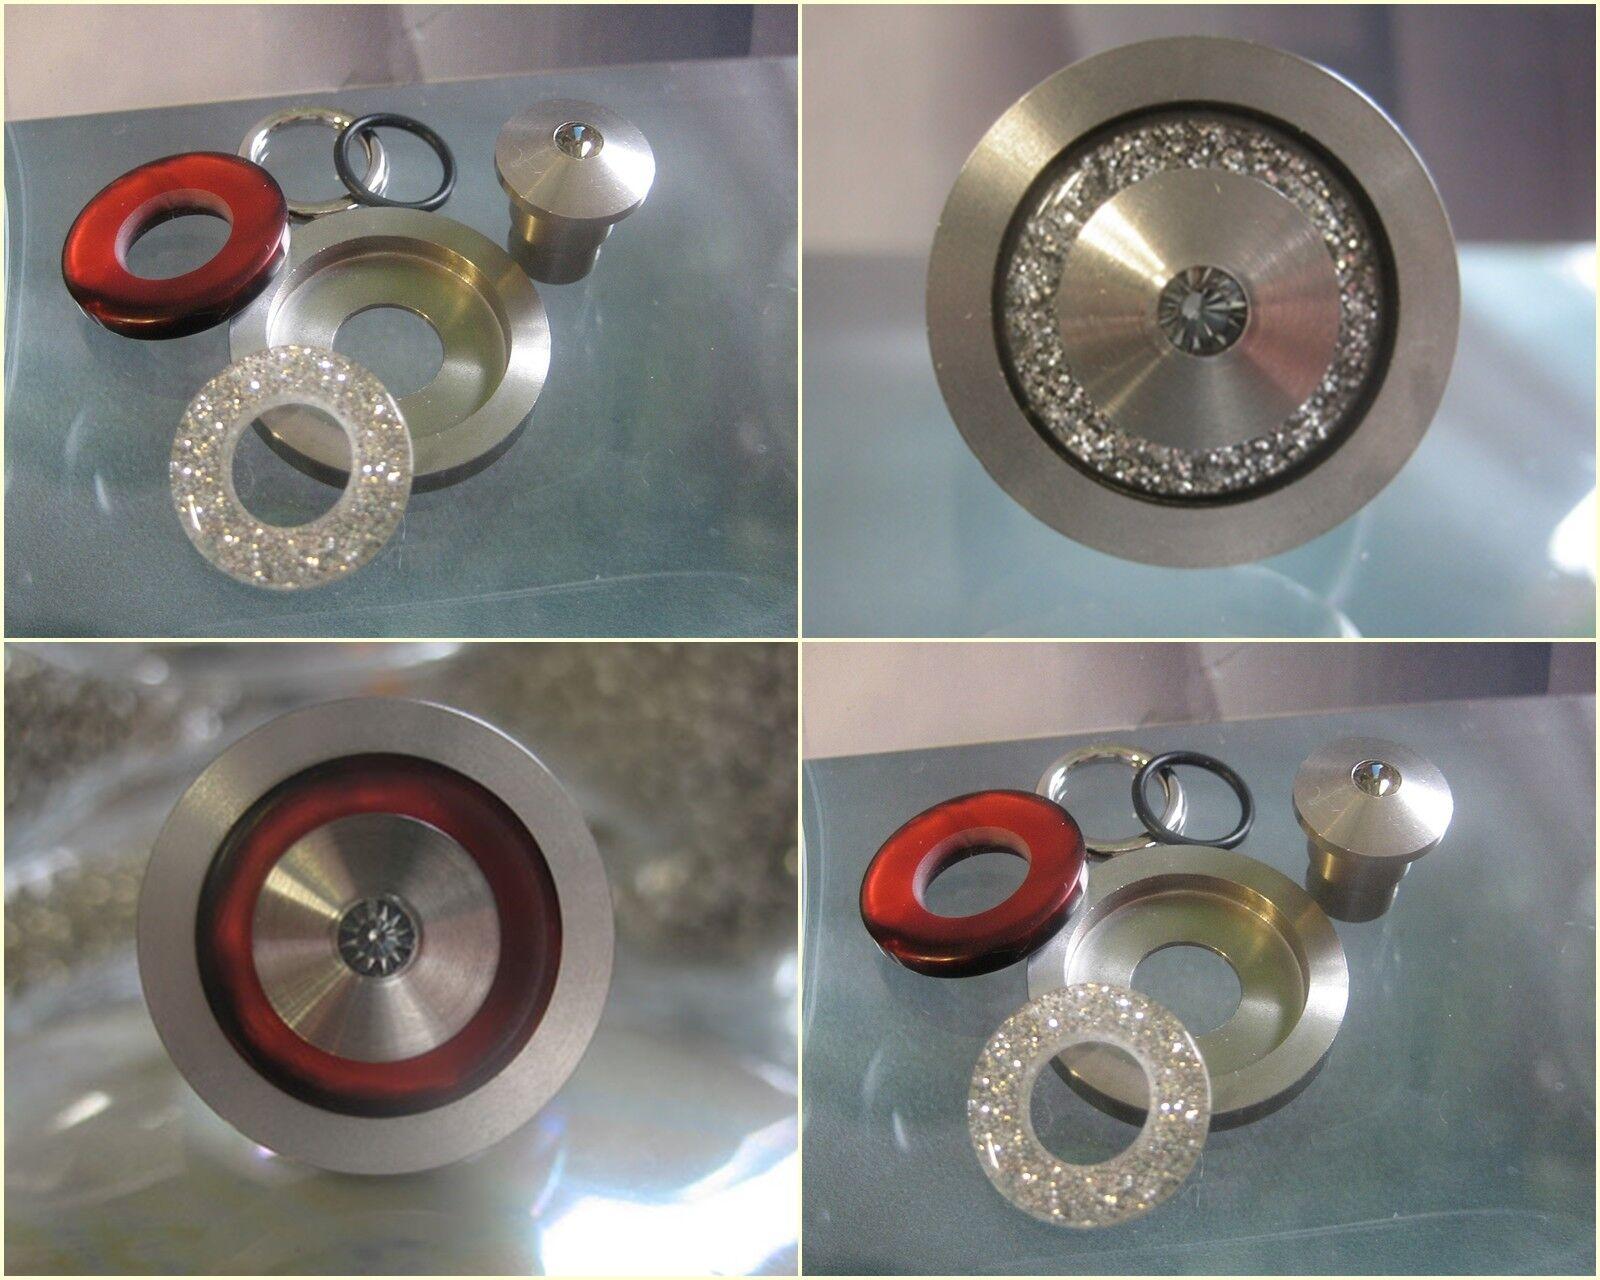 Set COMPLETO - - -  Fire & Ice  - 2 dimensioni a scelta-compatibile M. Charlotte 21 a41979